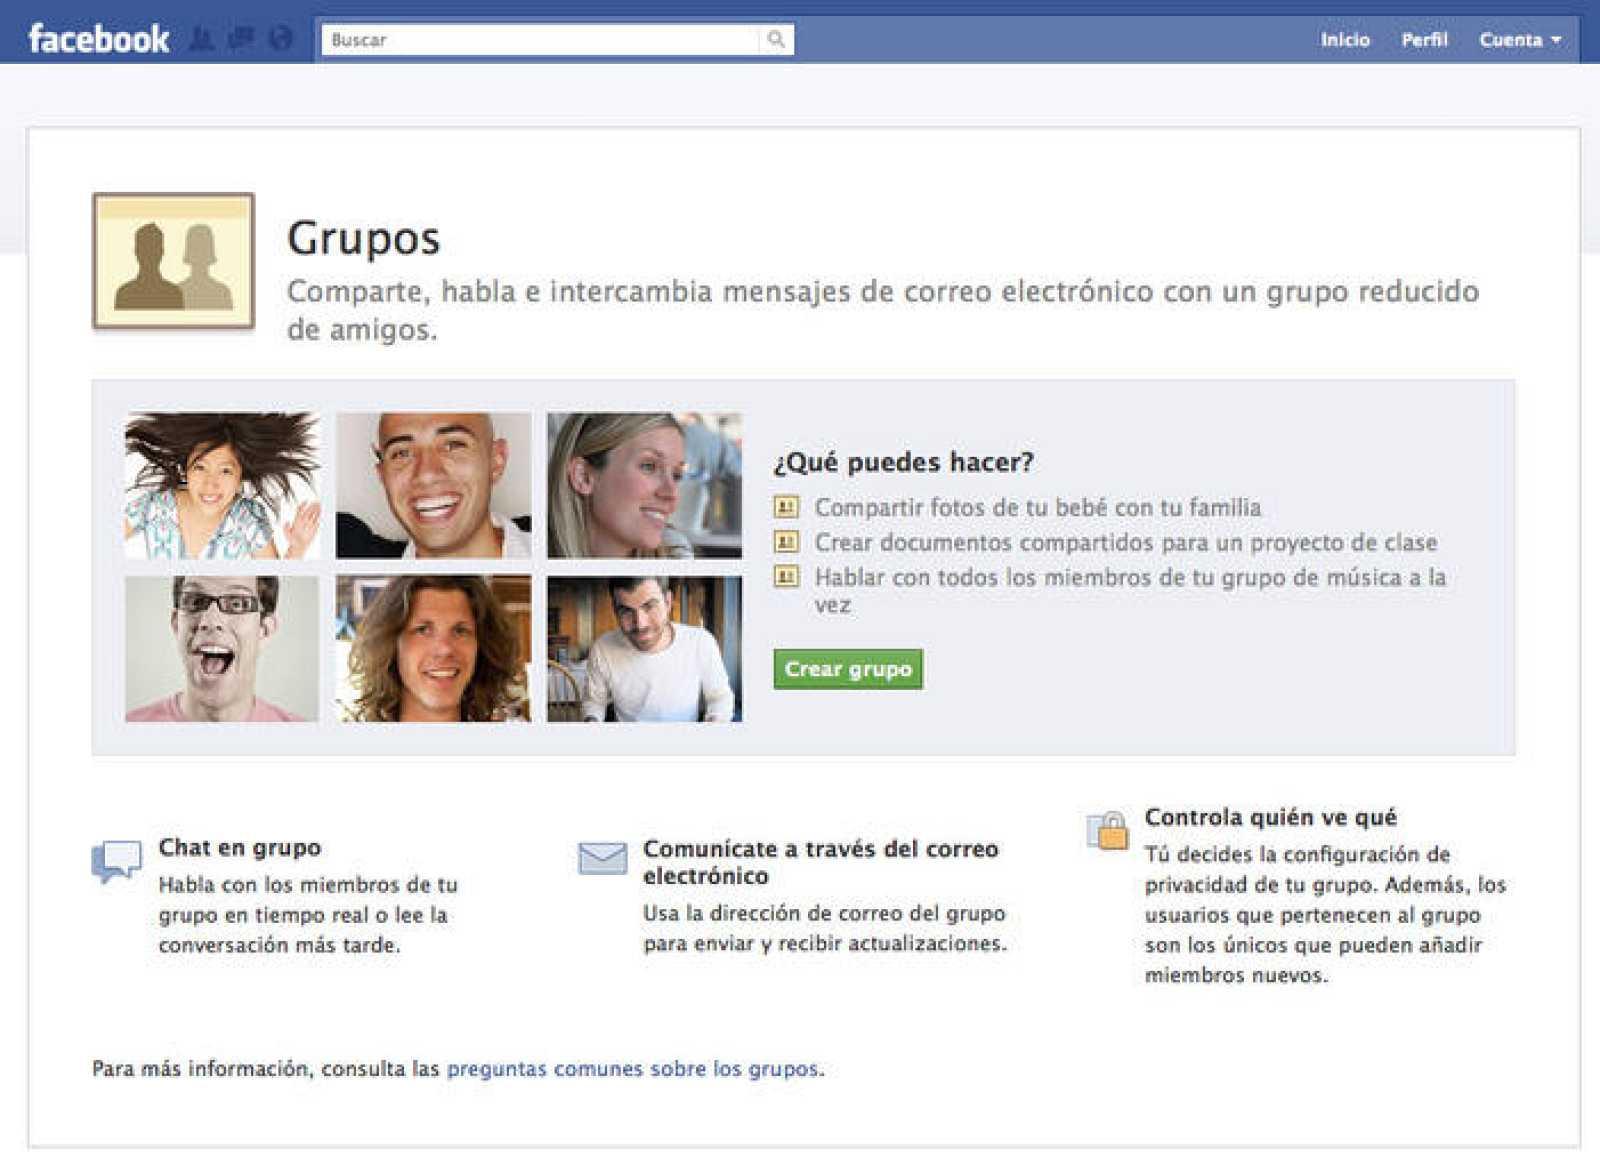 La nueva herramienta sirve para interactuar con grupos de amigos de forma separada